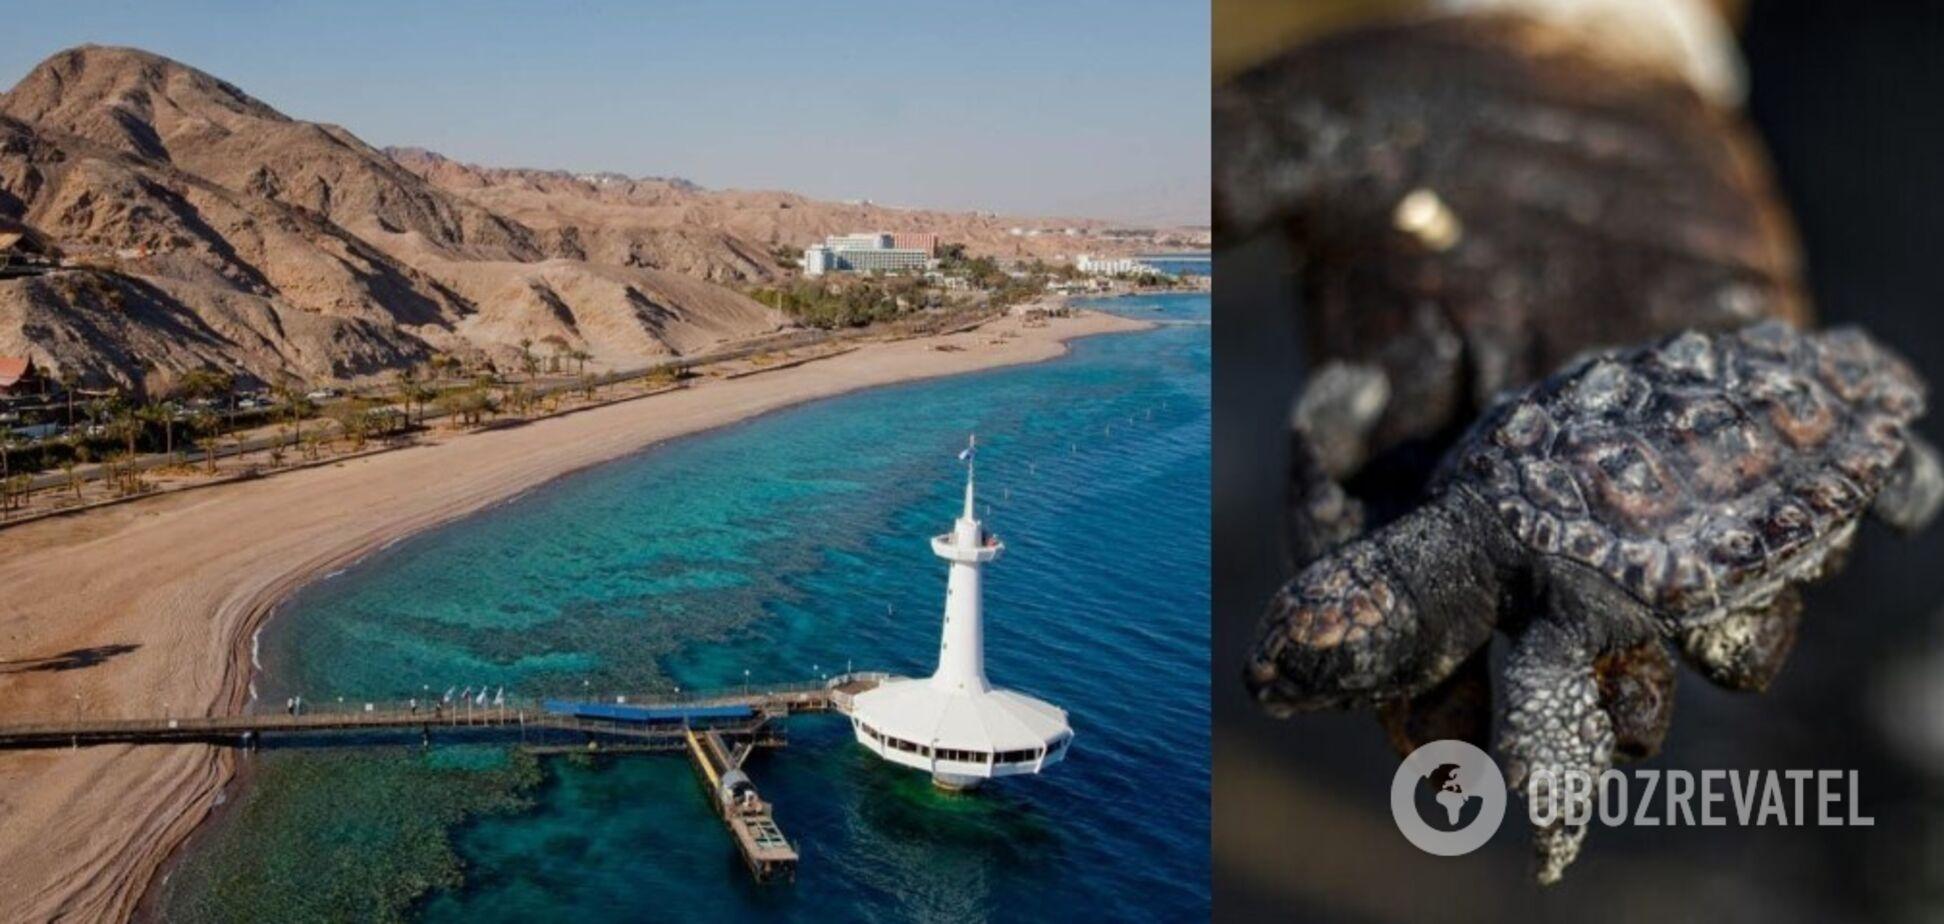 Израилю грозит экологическая катастрофа из-за разлива нефти